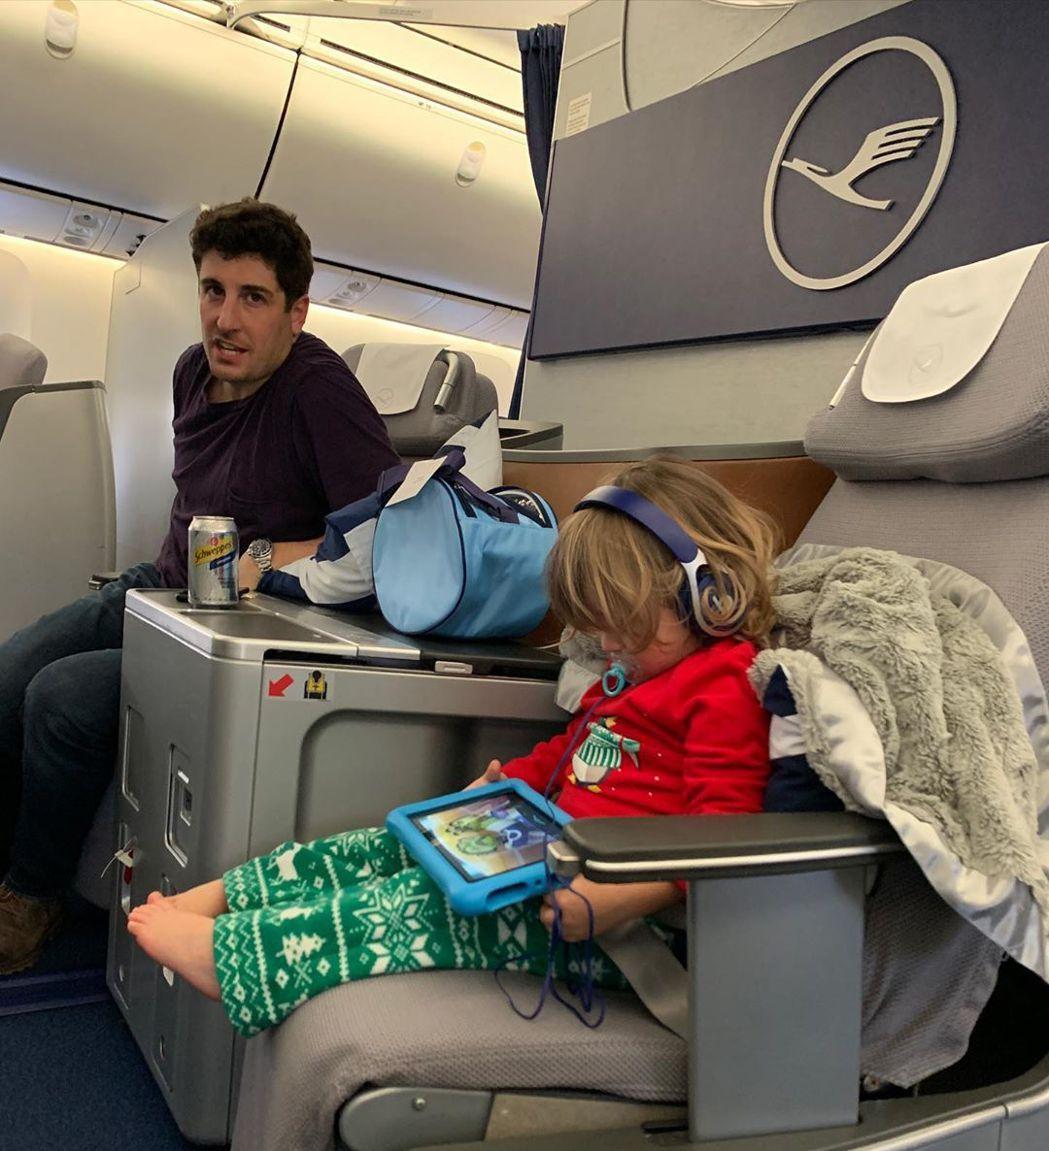 傑森畢格斯在飛機上設法讓兒子乖乖玩遊戲。圖/摘自Instagram